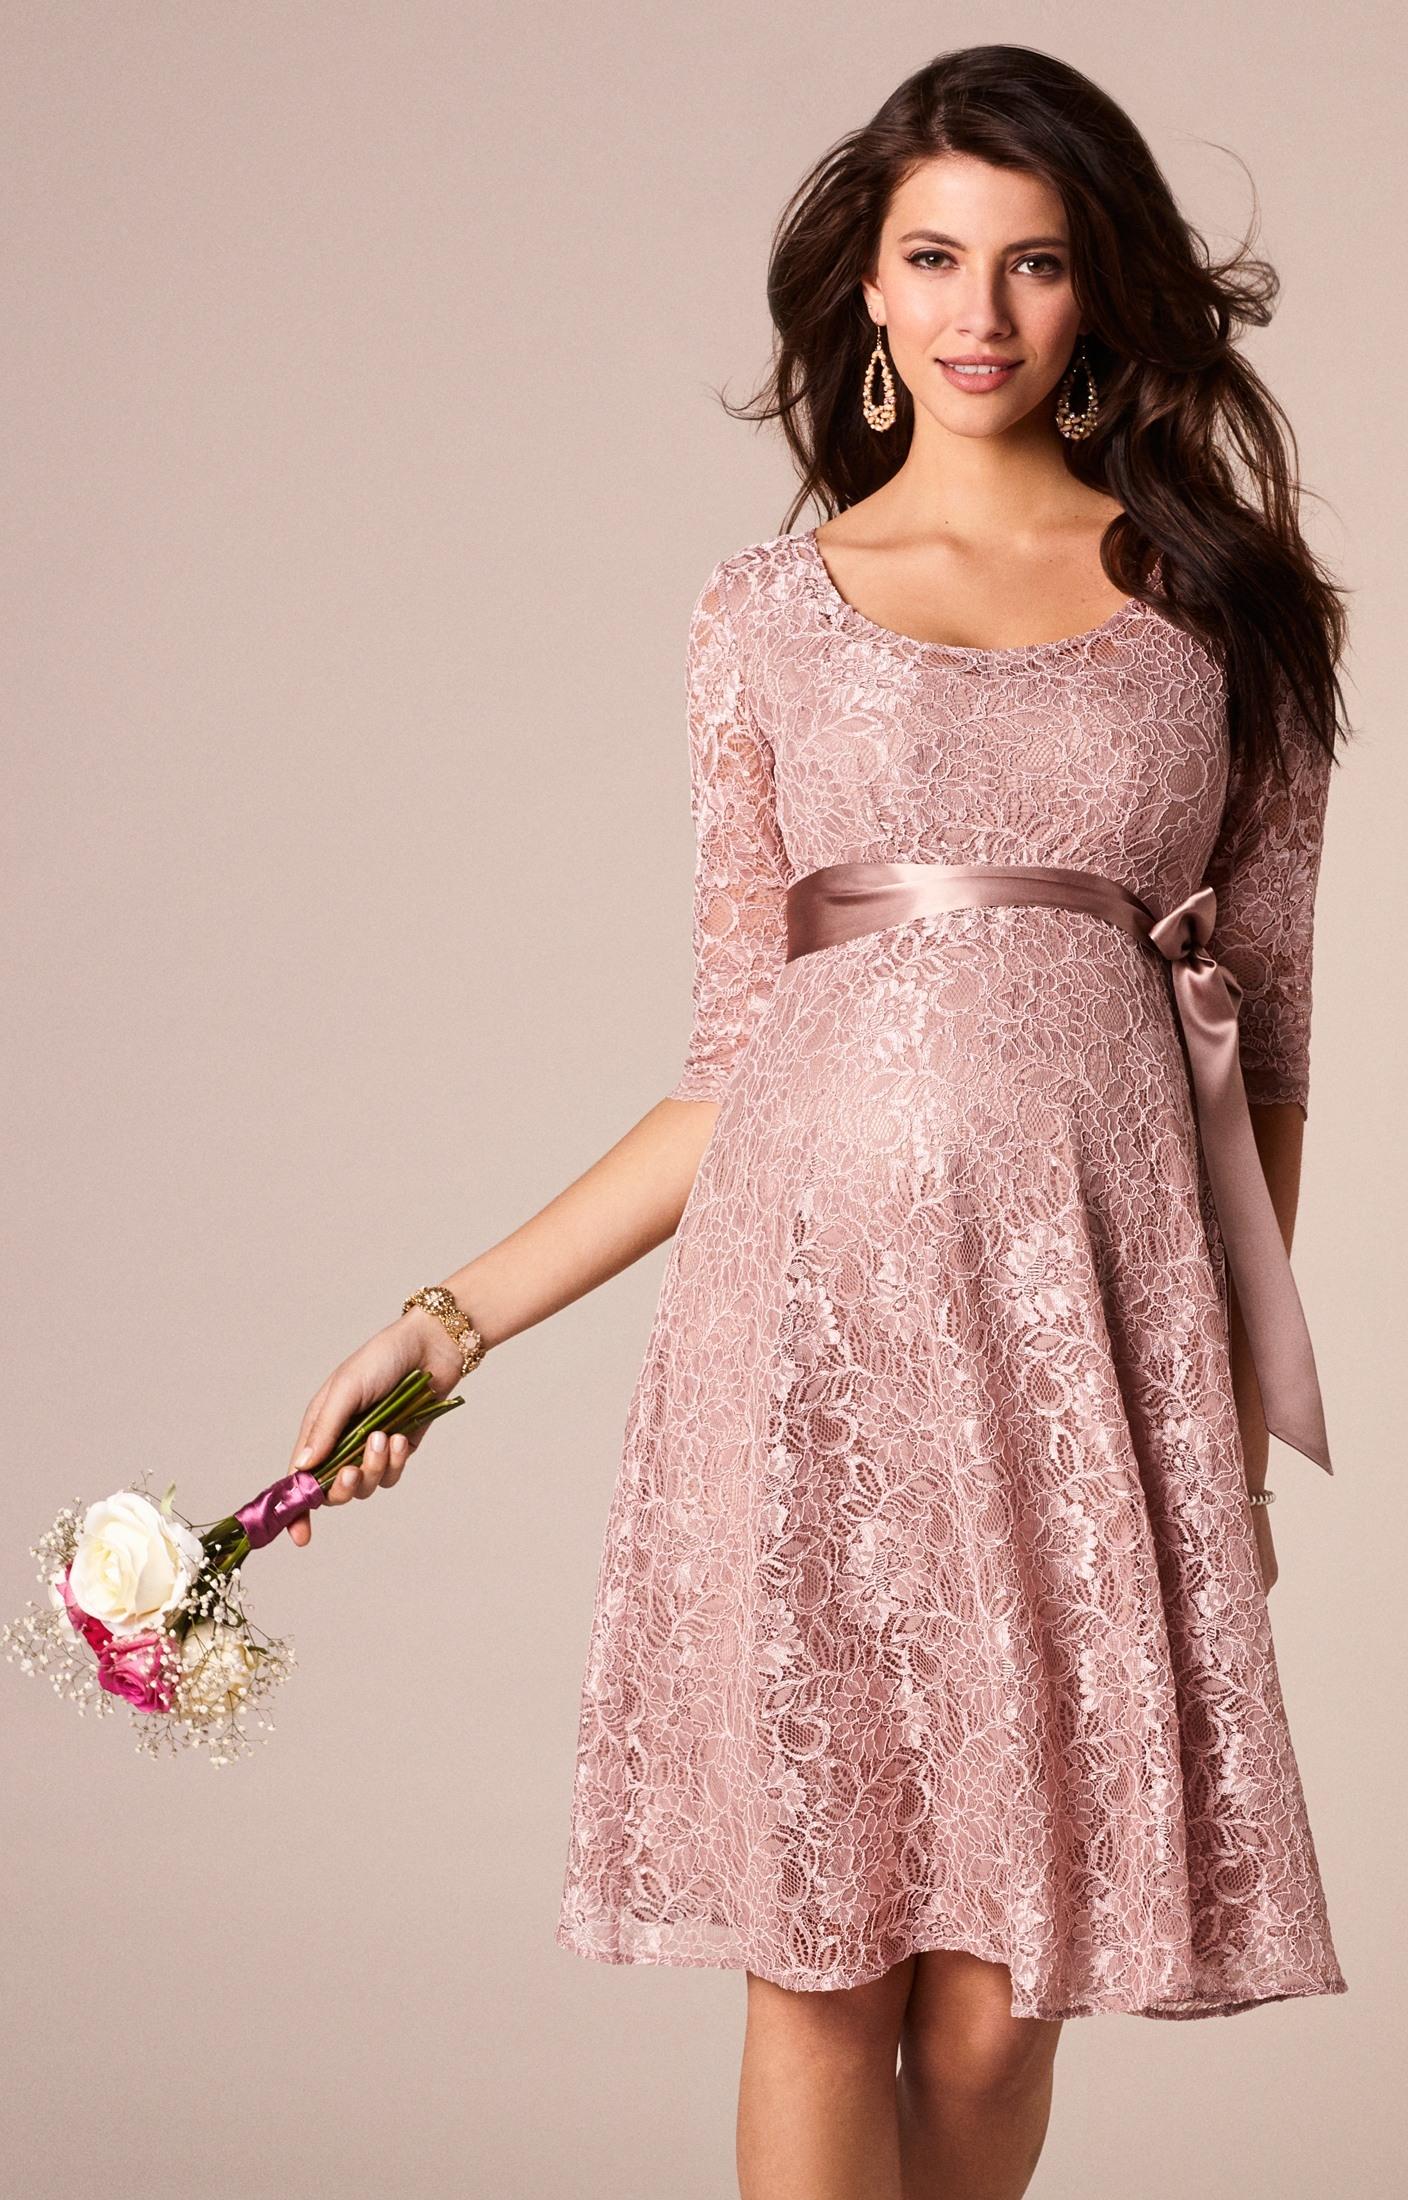 Abend Erstaunlich Kleid Altrosa Kurz BoutiqueFormal Erstaunlich Kleid Altrosa Kurz Stylish